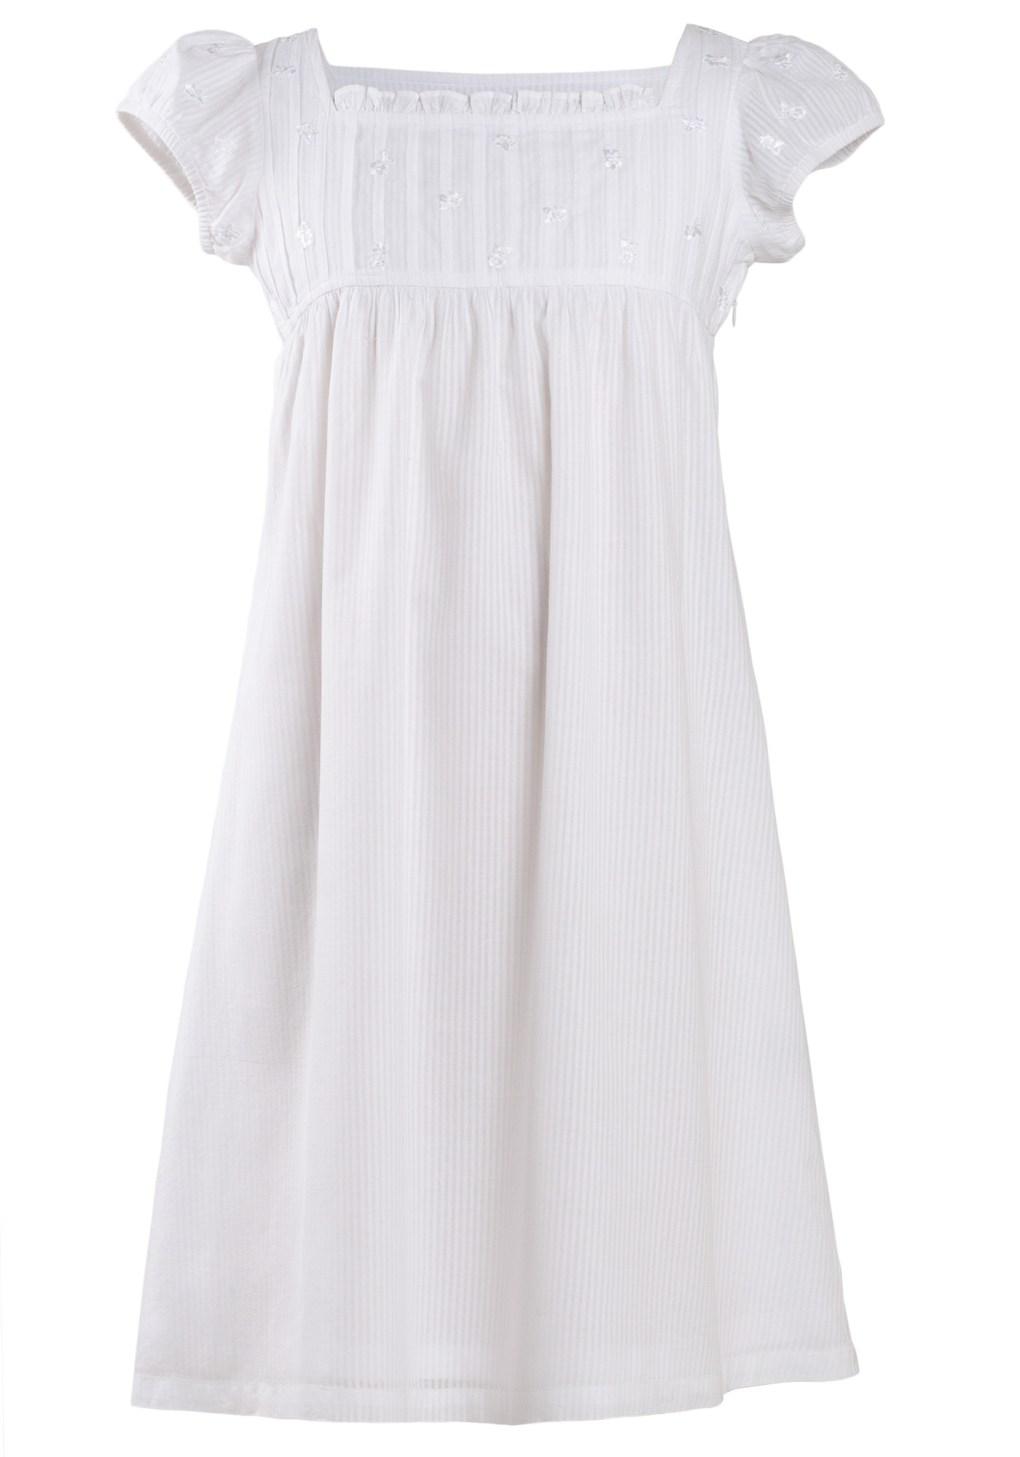 MINC Petite Girls Square Neck Dress in White Stripe Cotton Voile